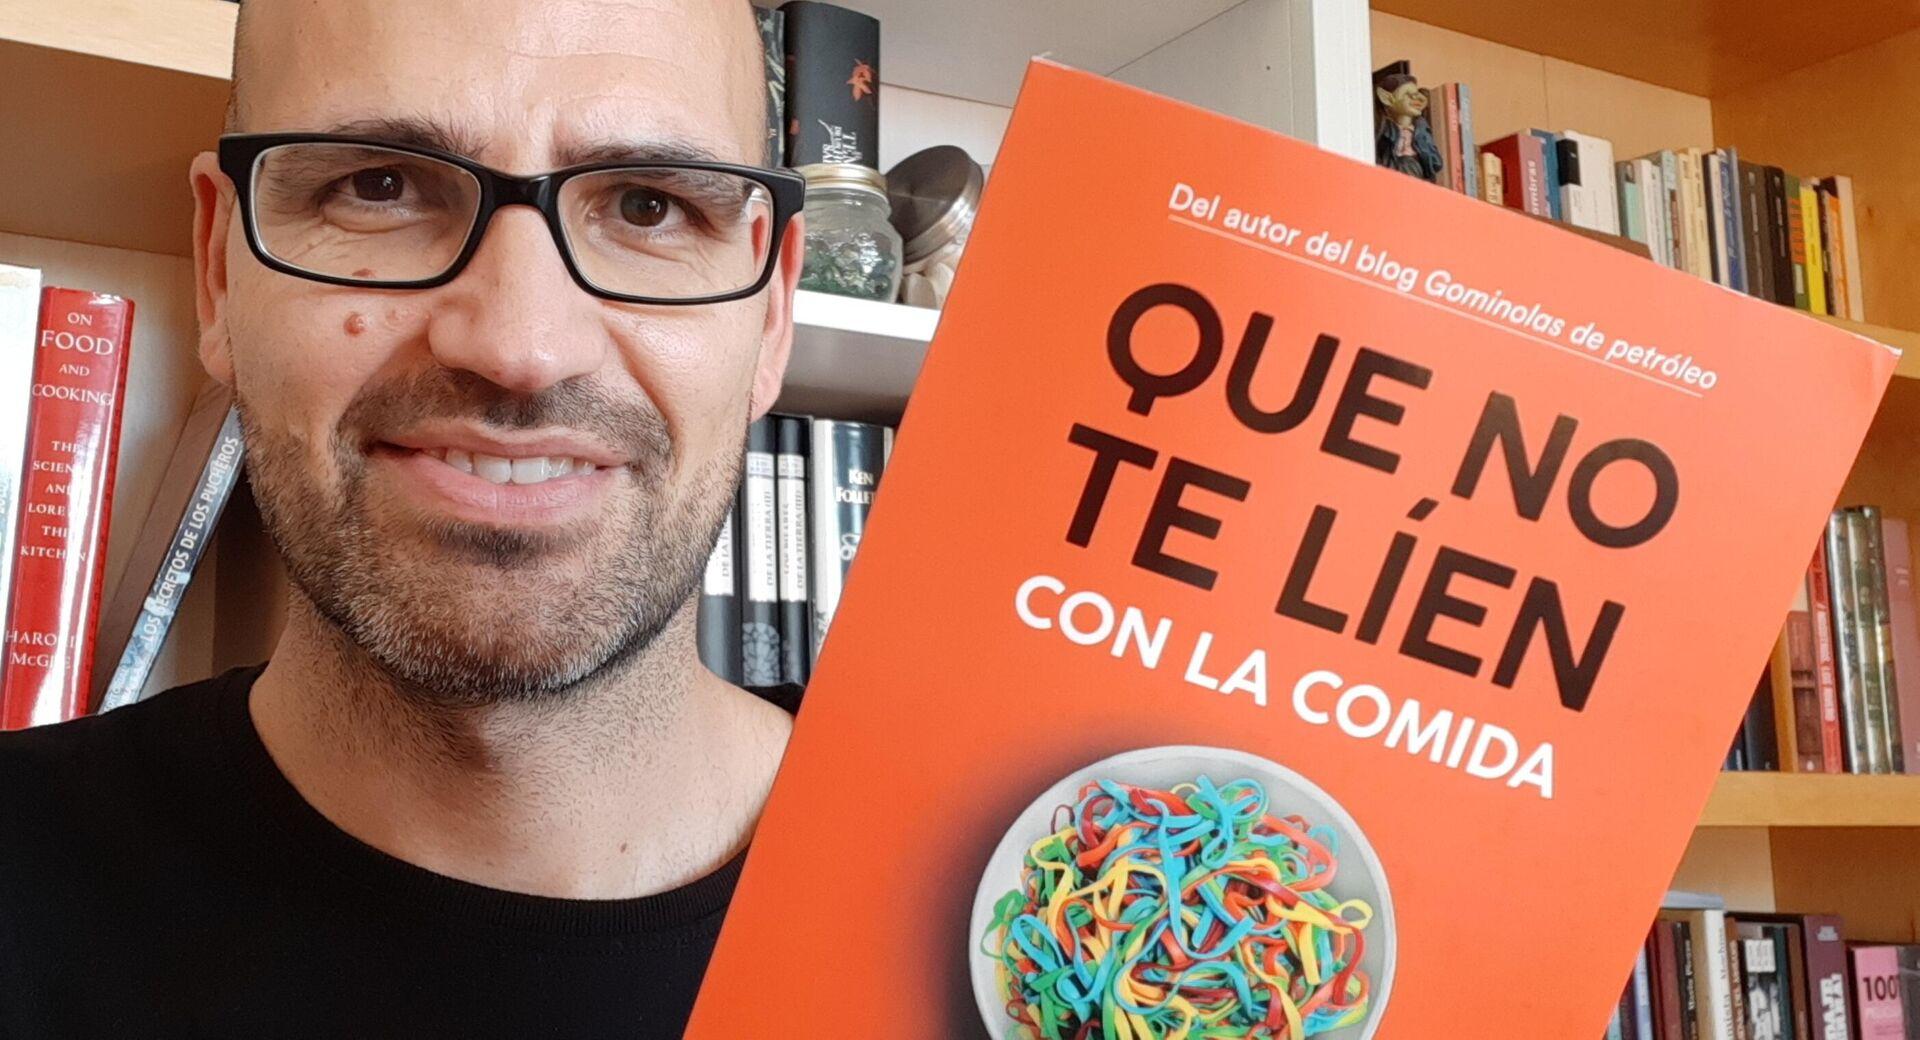 Miguel Ángel Lurueña, doctor en ciencia y tecnología de los alimentos y divulgador científico - Sputnik Mundo, 1920, 14.09.2021